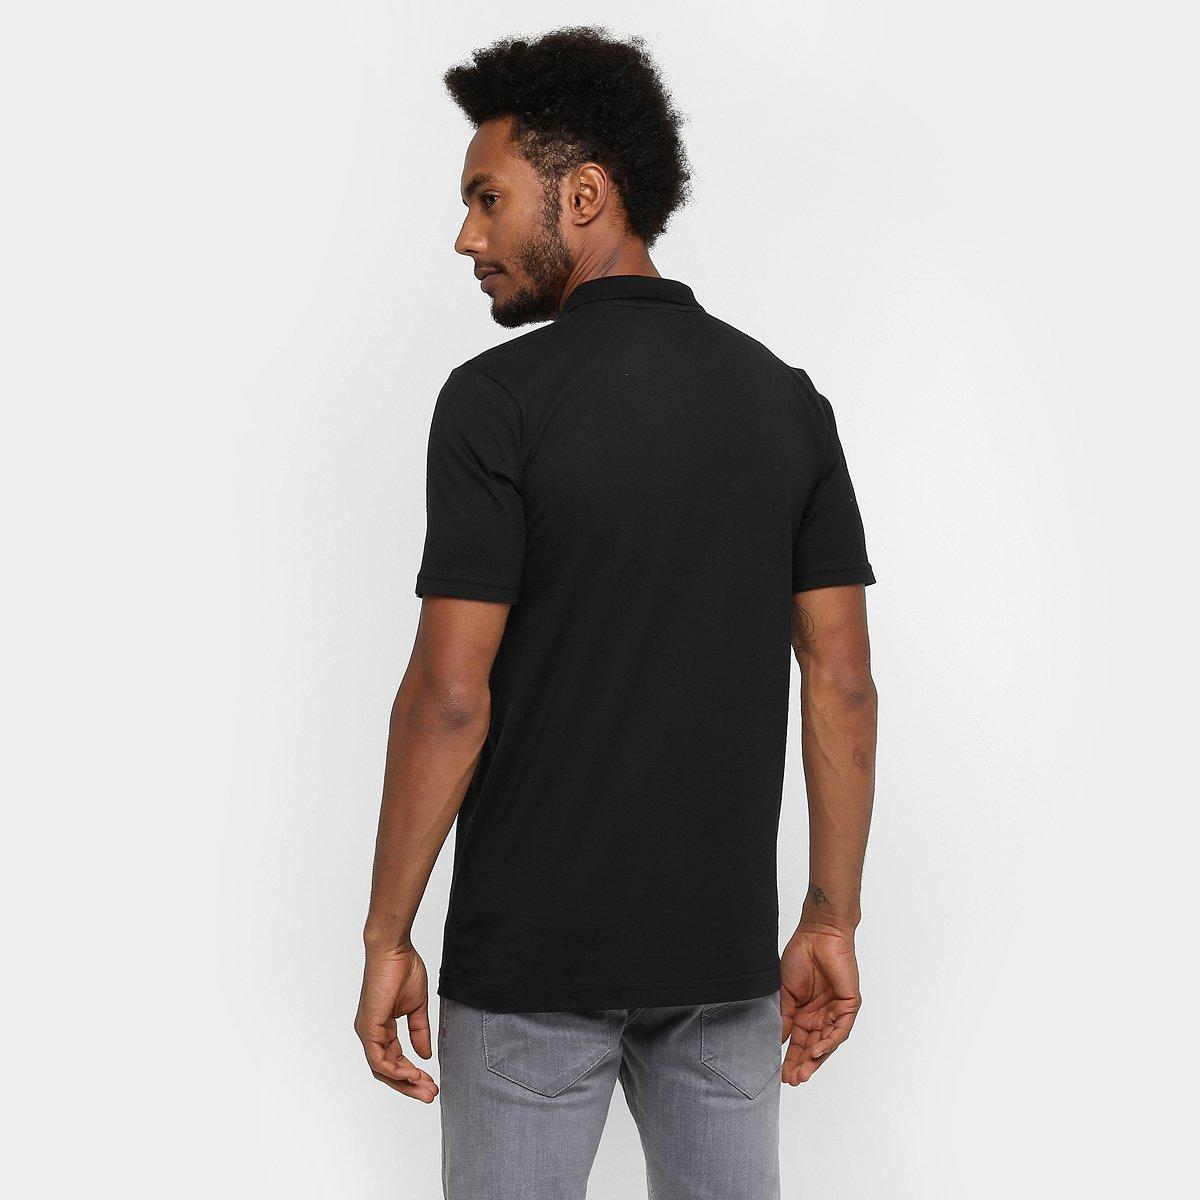 b2885b68c3 Camisa Polo Puma Ess Jersey - Compre Agora